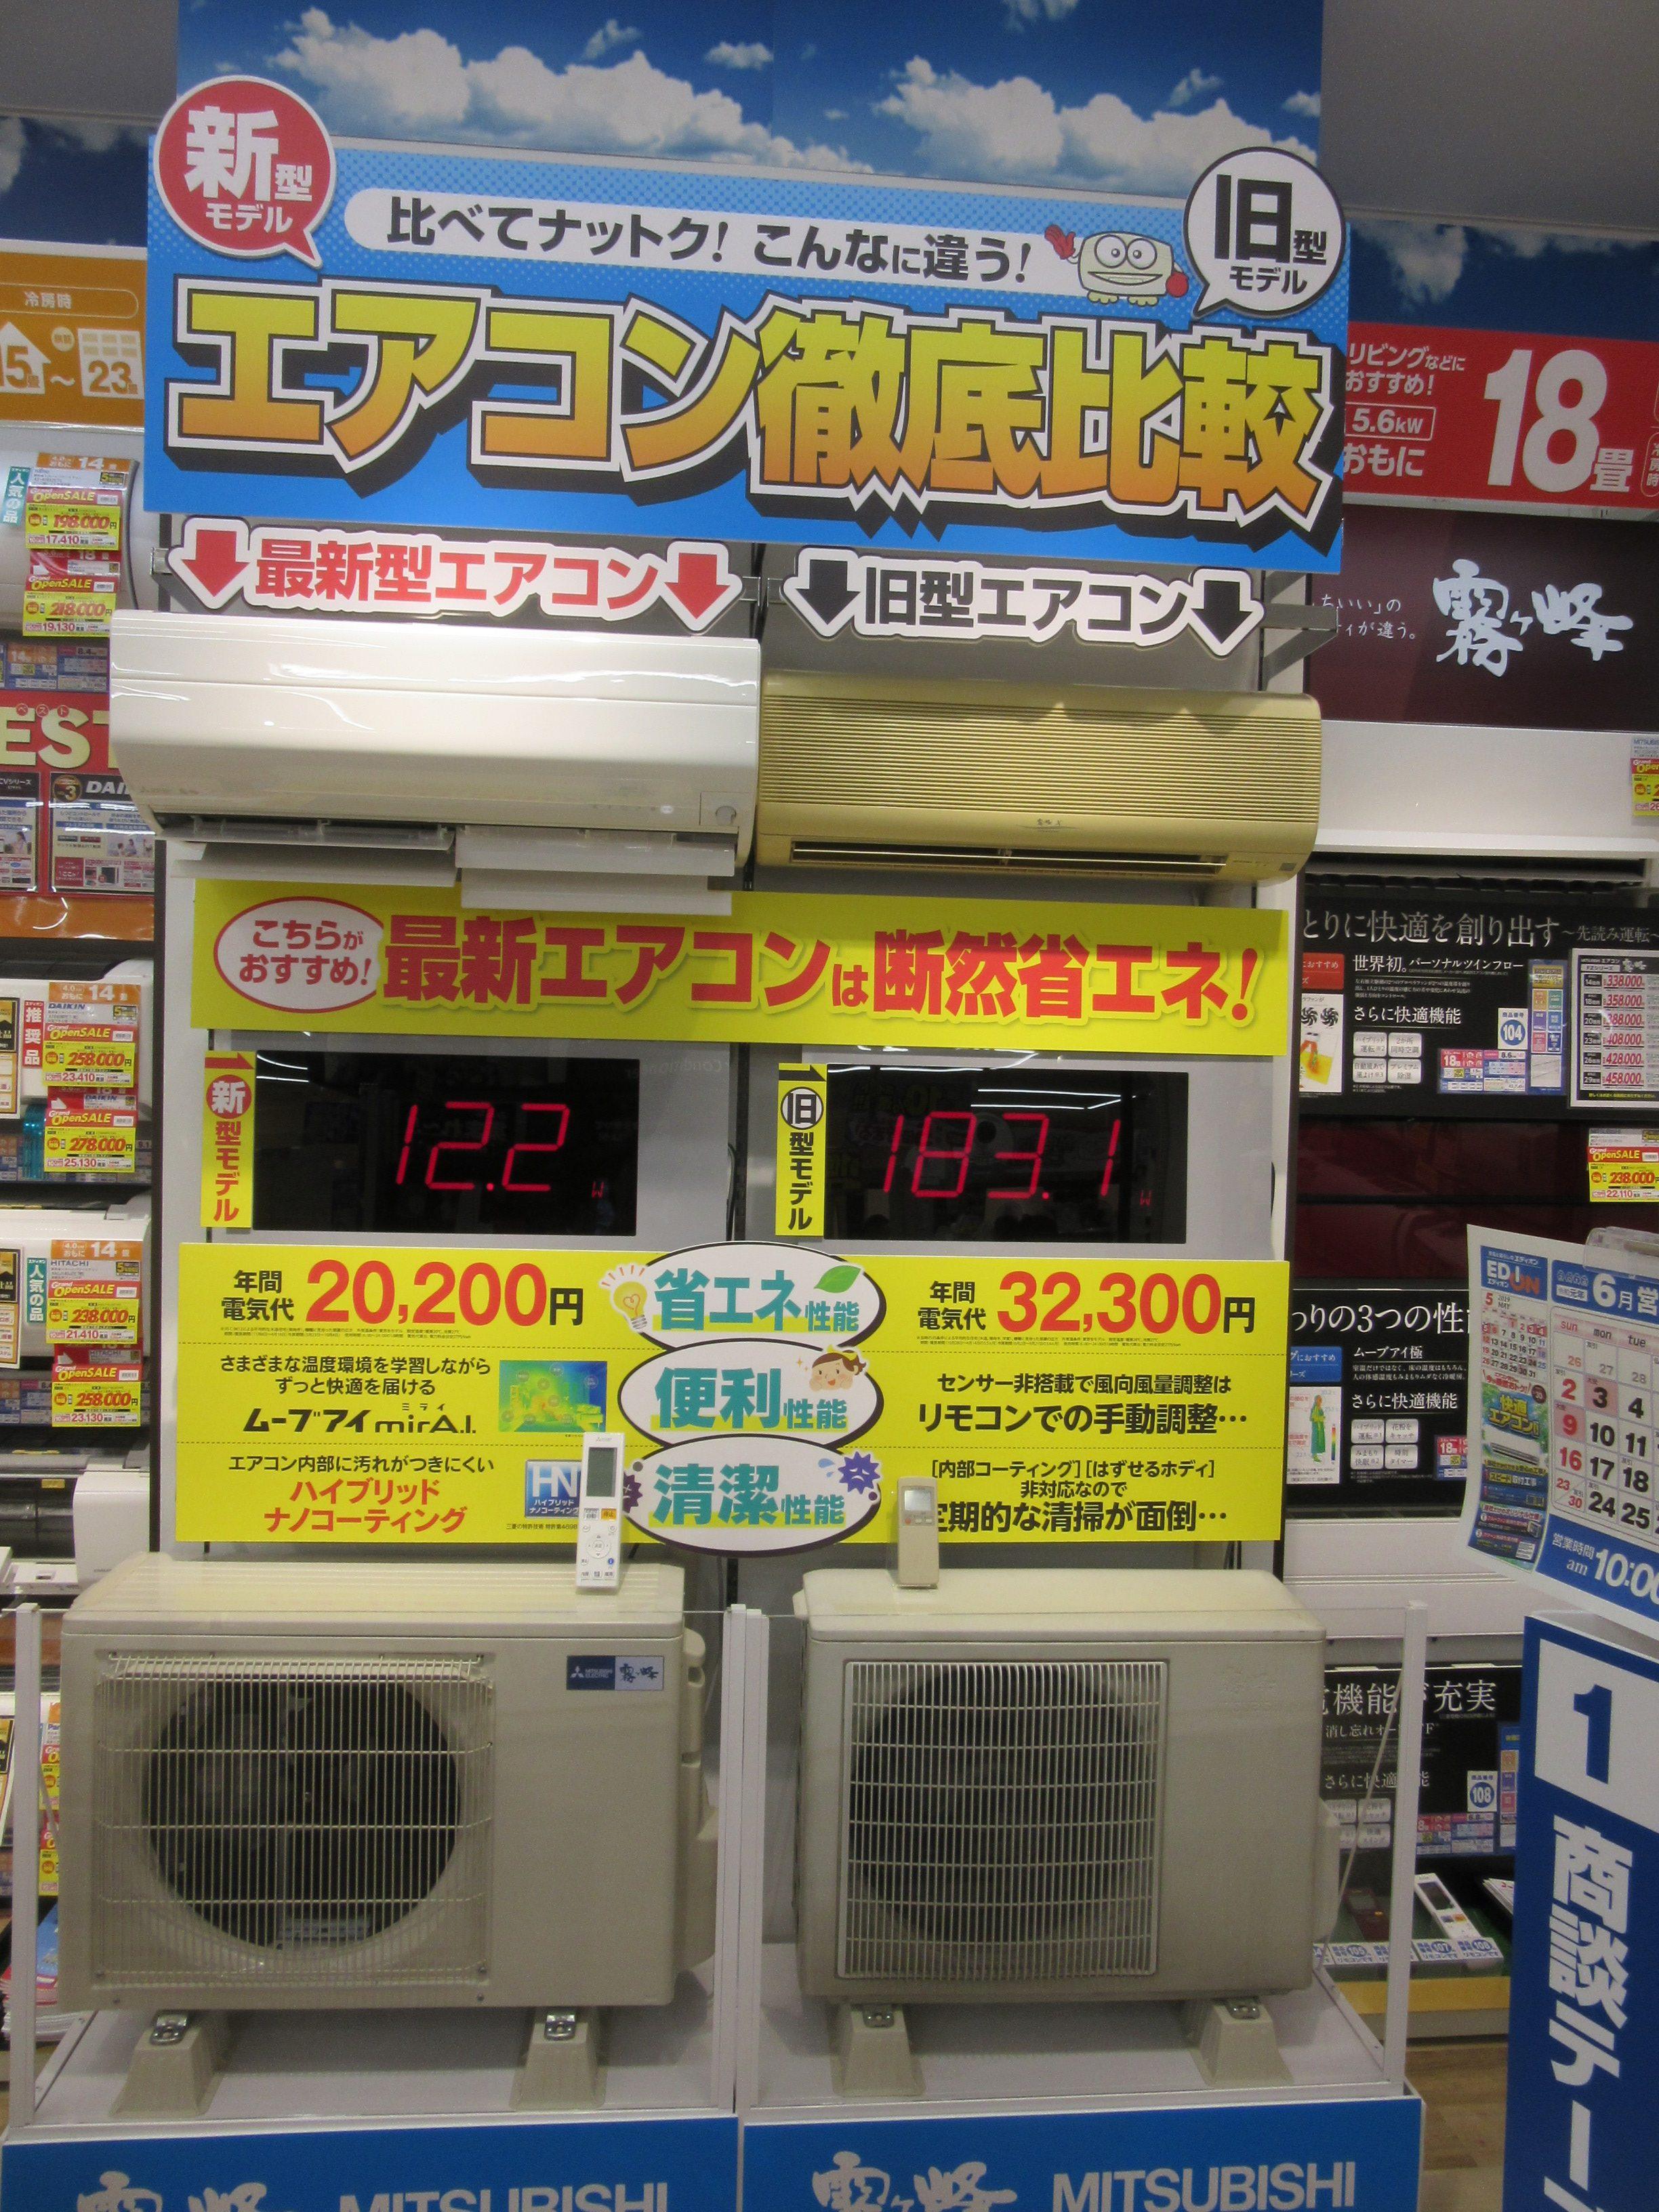 エアコンの新旧比較では電気代にフォーカス。訴求したいポイントを文字の大きさや色で表し、分かりやすい表示になっている